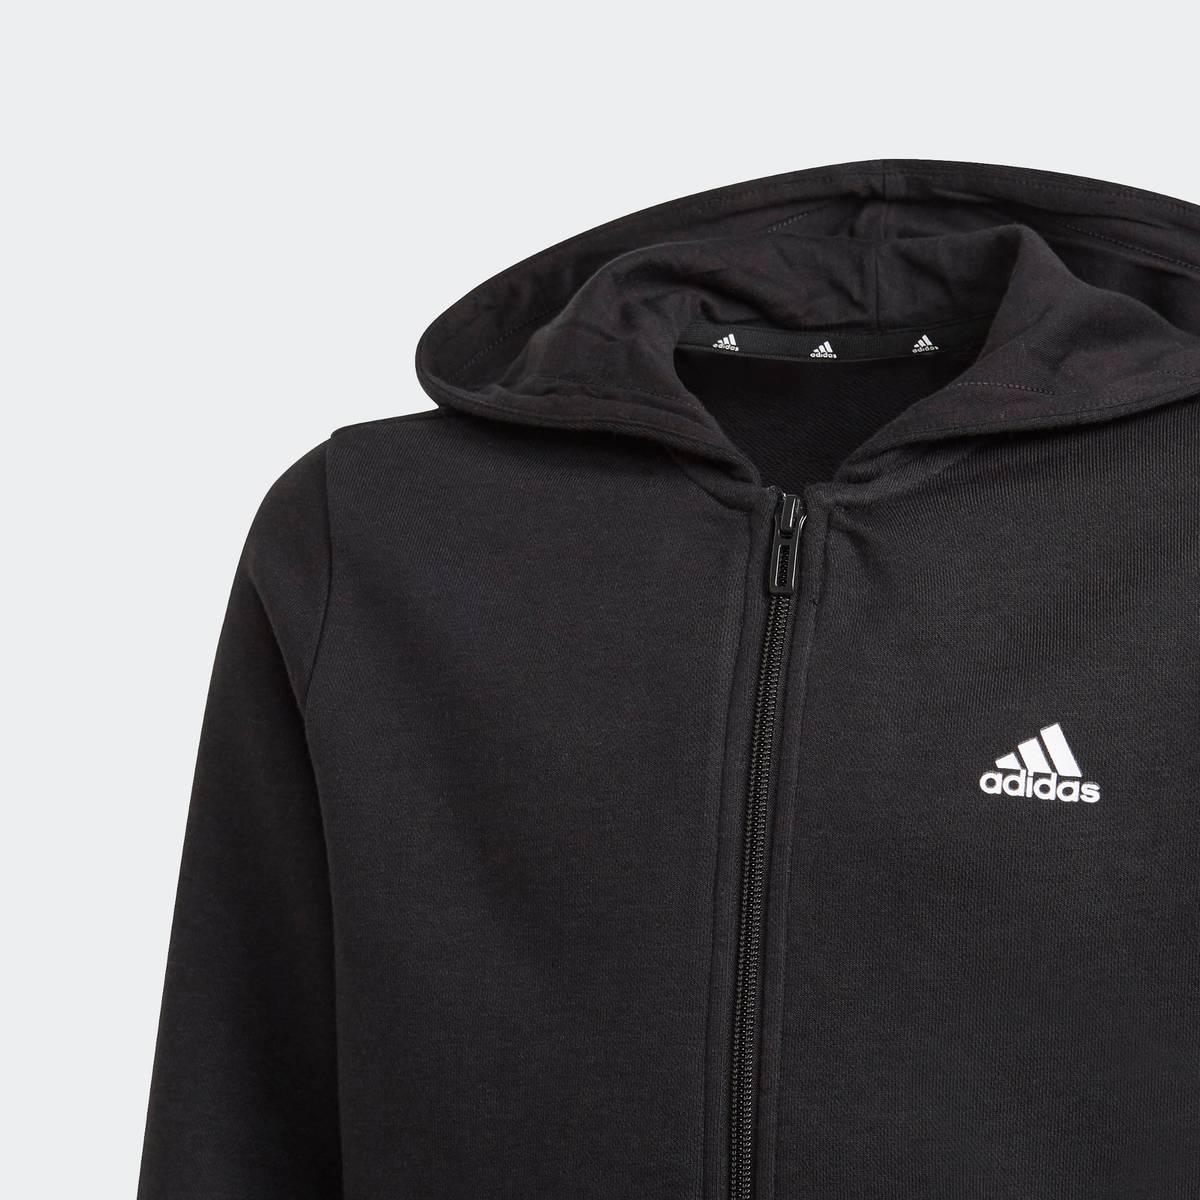 Sort B LIN FZ HD Adidas Zip Hettegenser